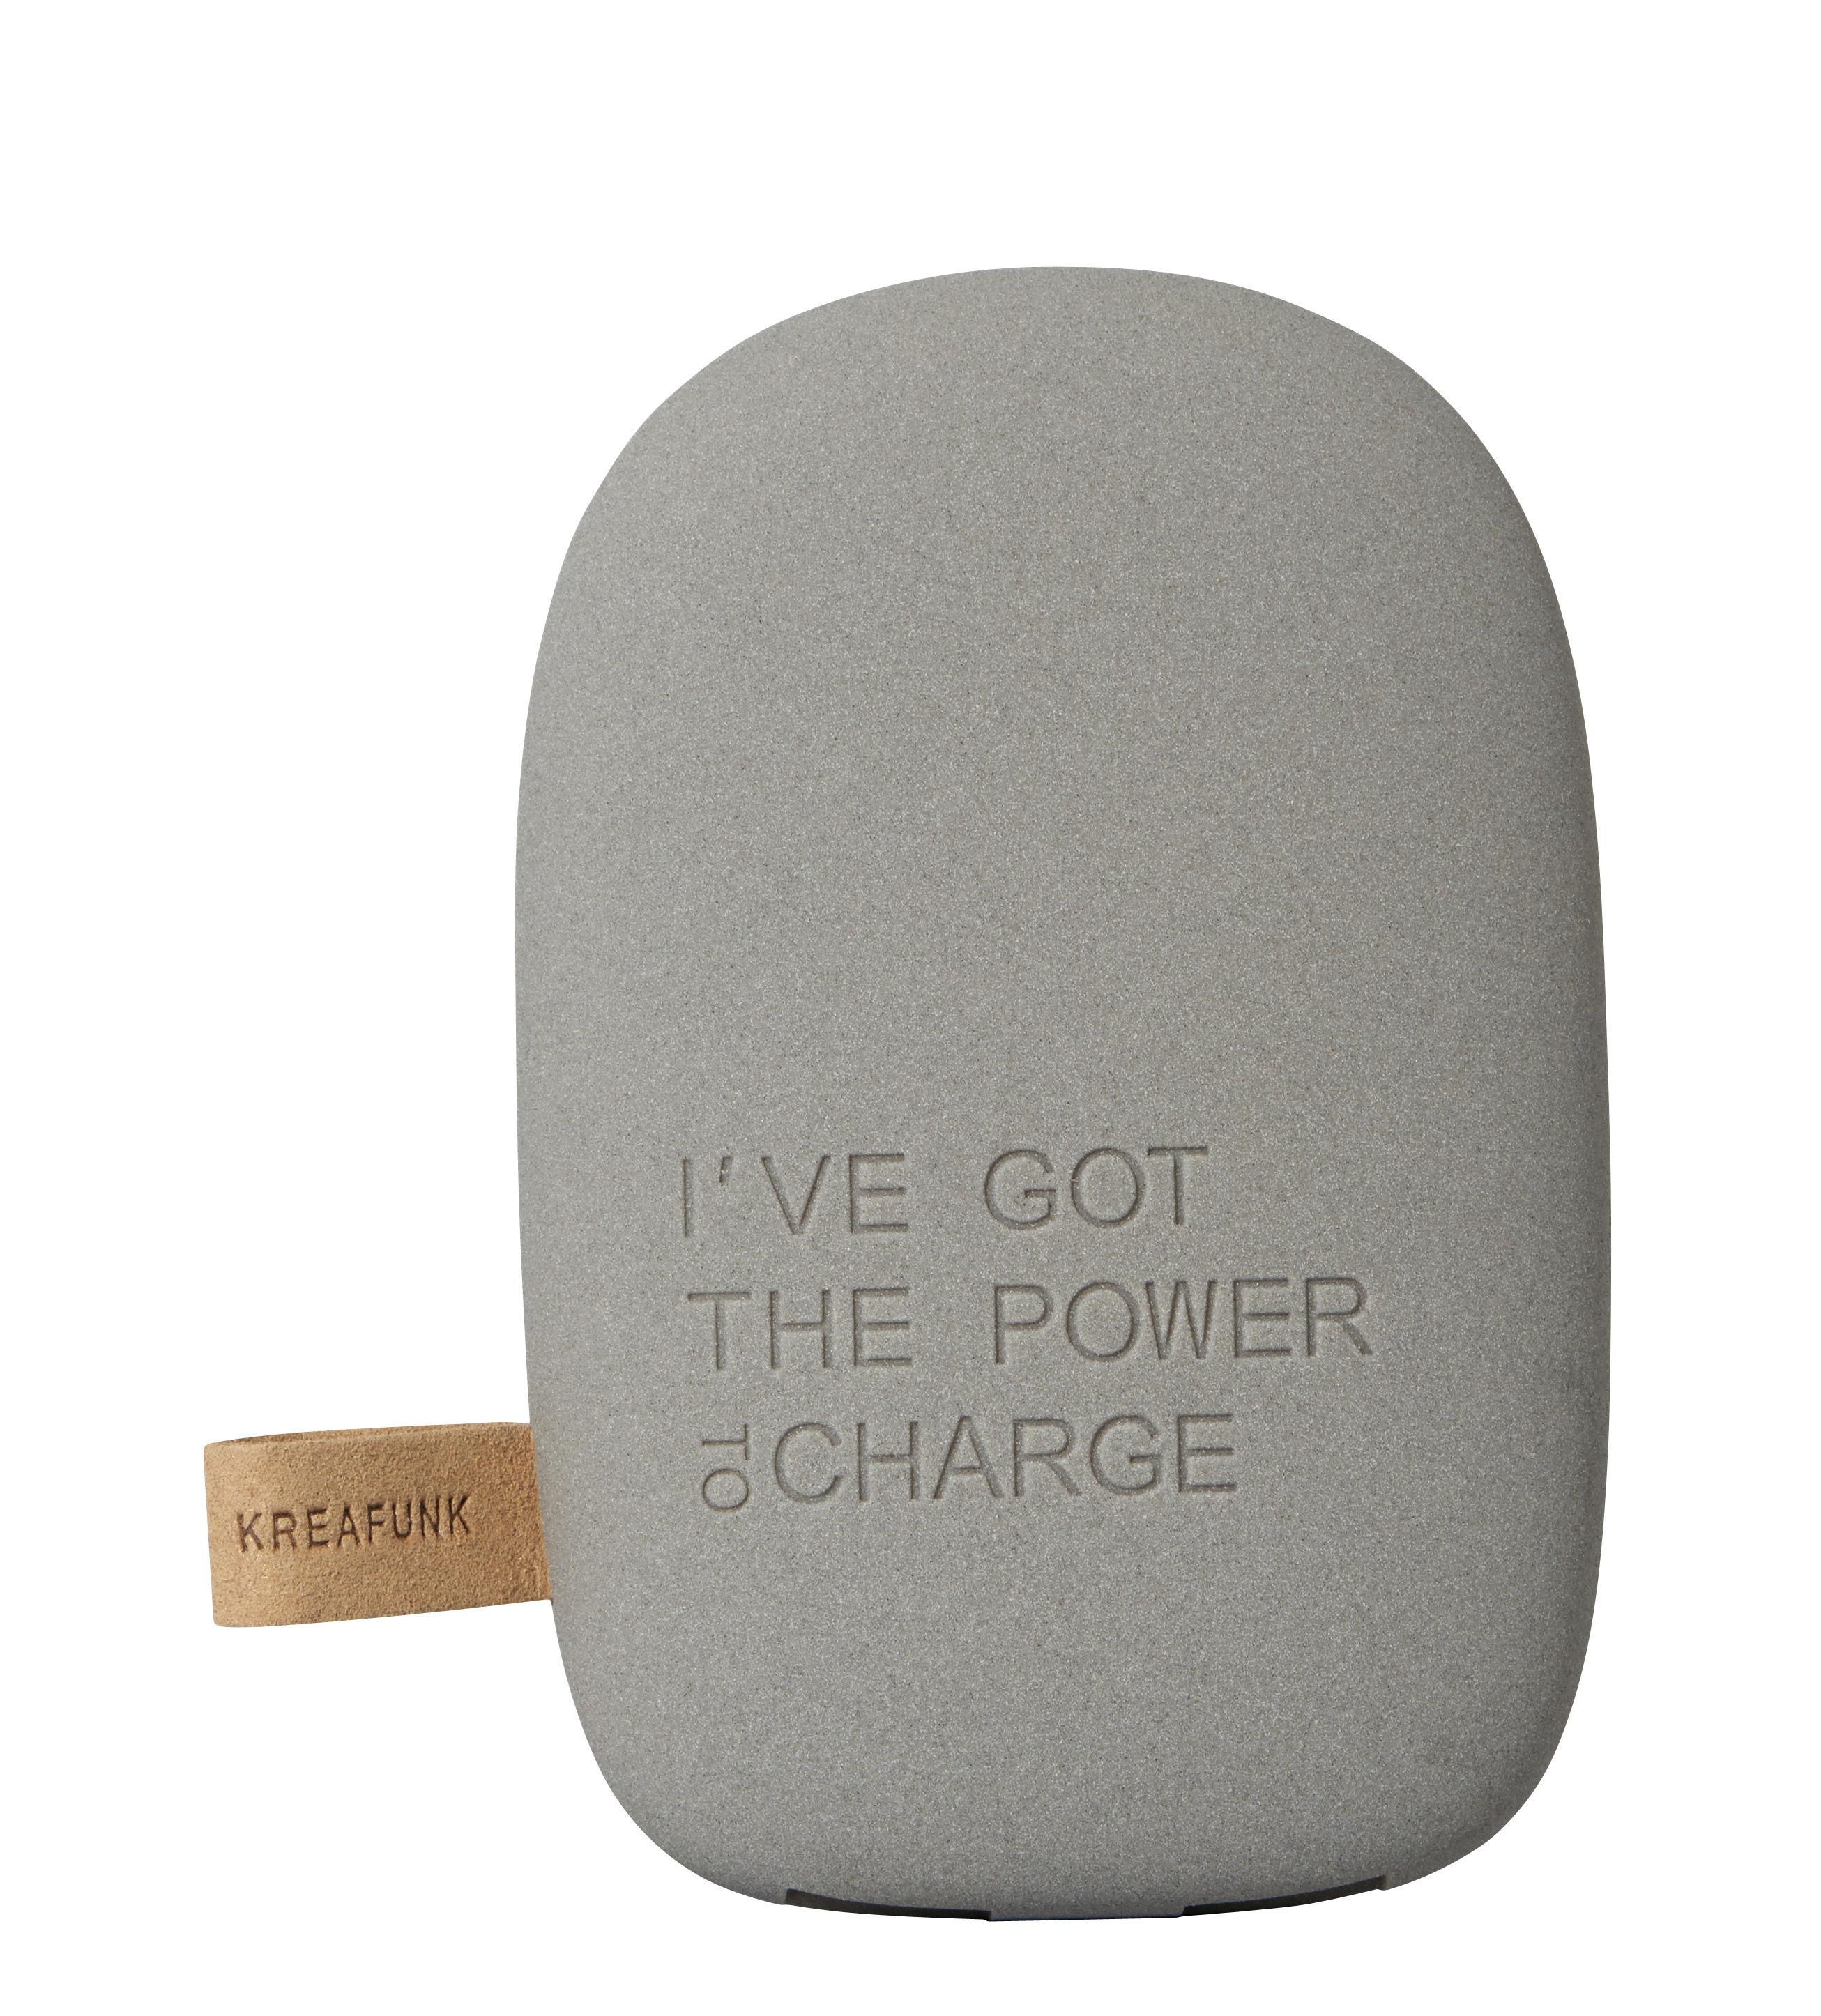 Accessoires - Objets connectés, accessoires high tech - Batterie de secours toCharge / Portable - iPhone & smartphone - Kreafunk - Gris foncé - Matière plastique